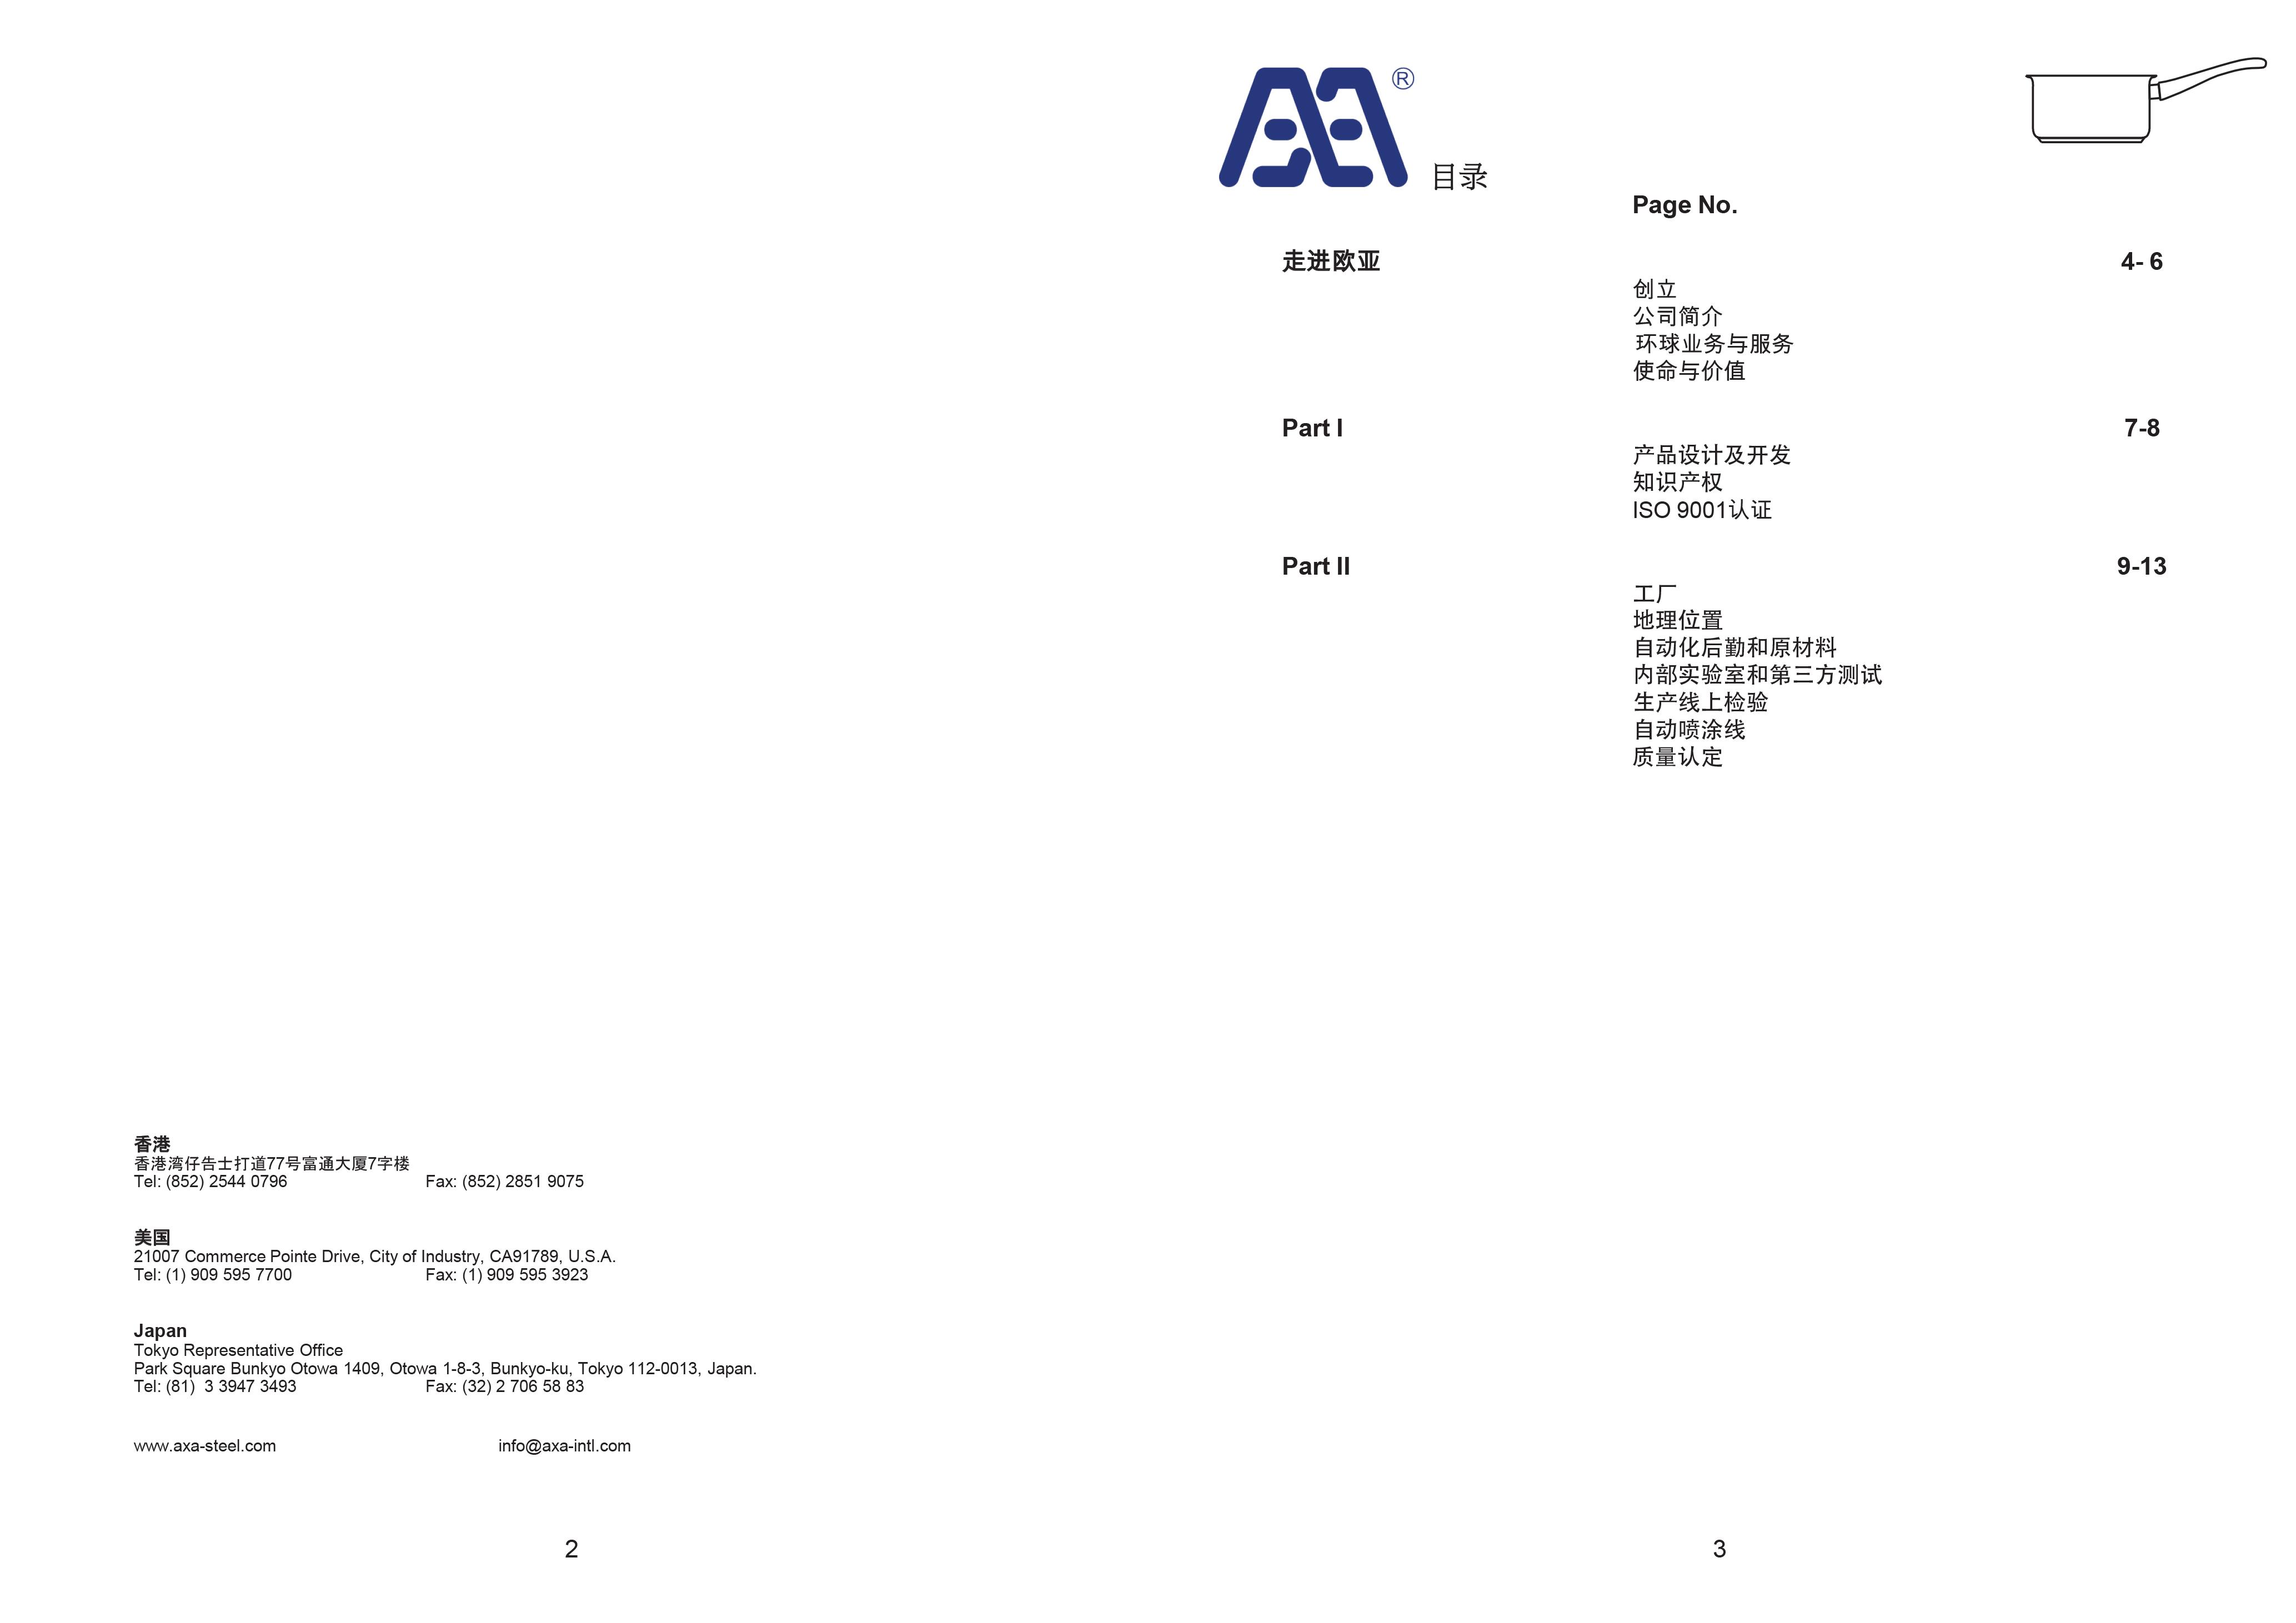 公司簡介 頁二